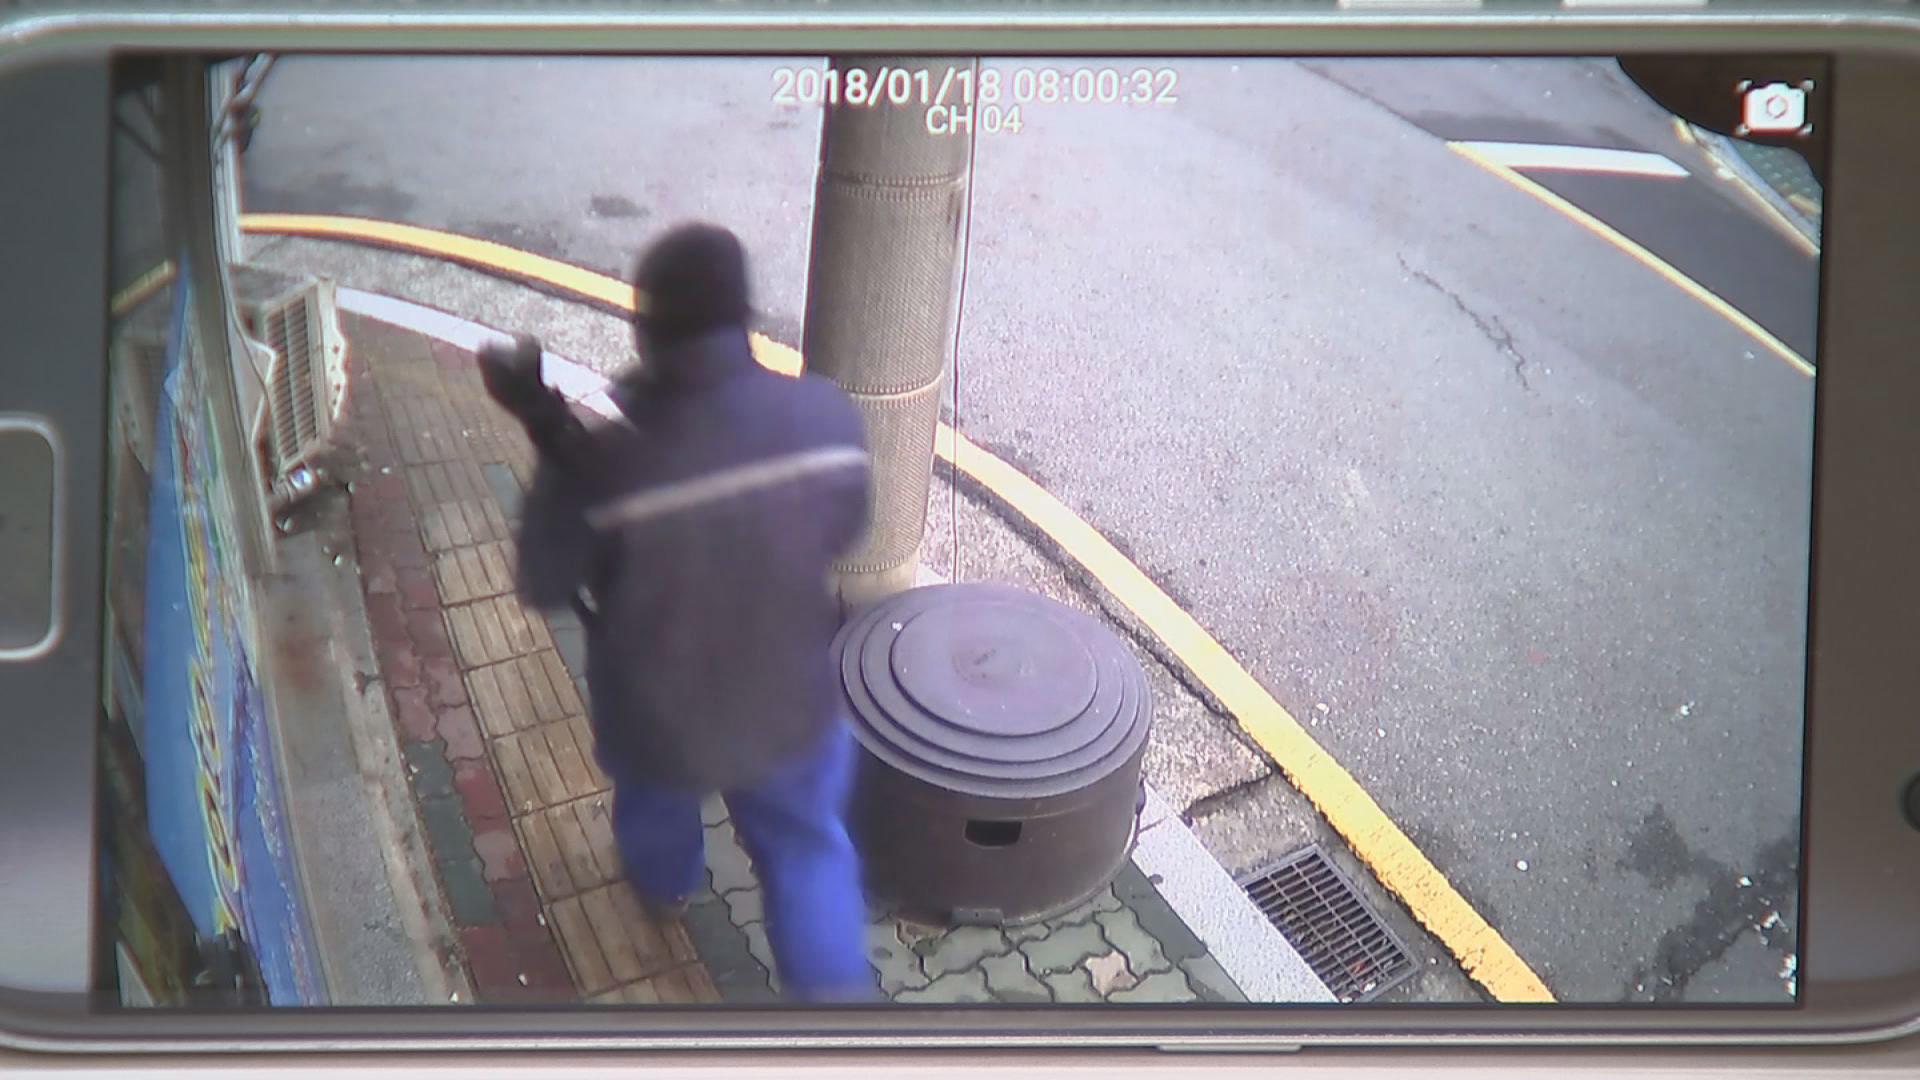 울산 새마을 금고 강도범이 찍힌 CCTV 캡처 . 송봉근 기자